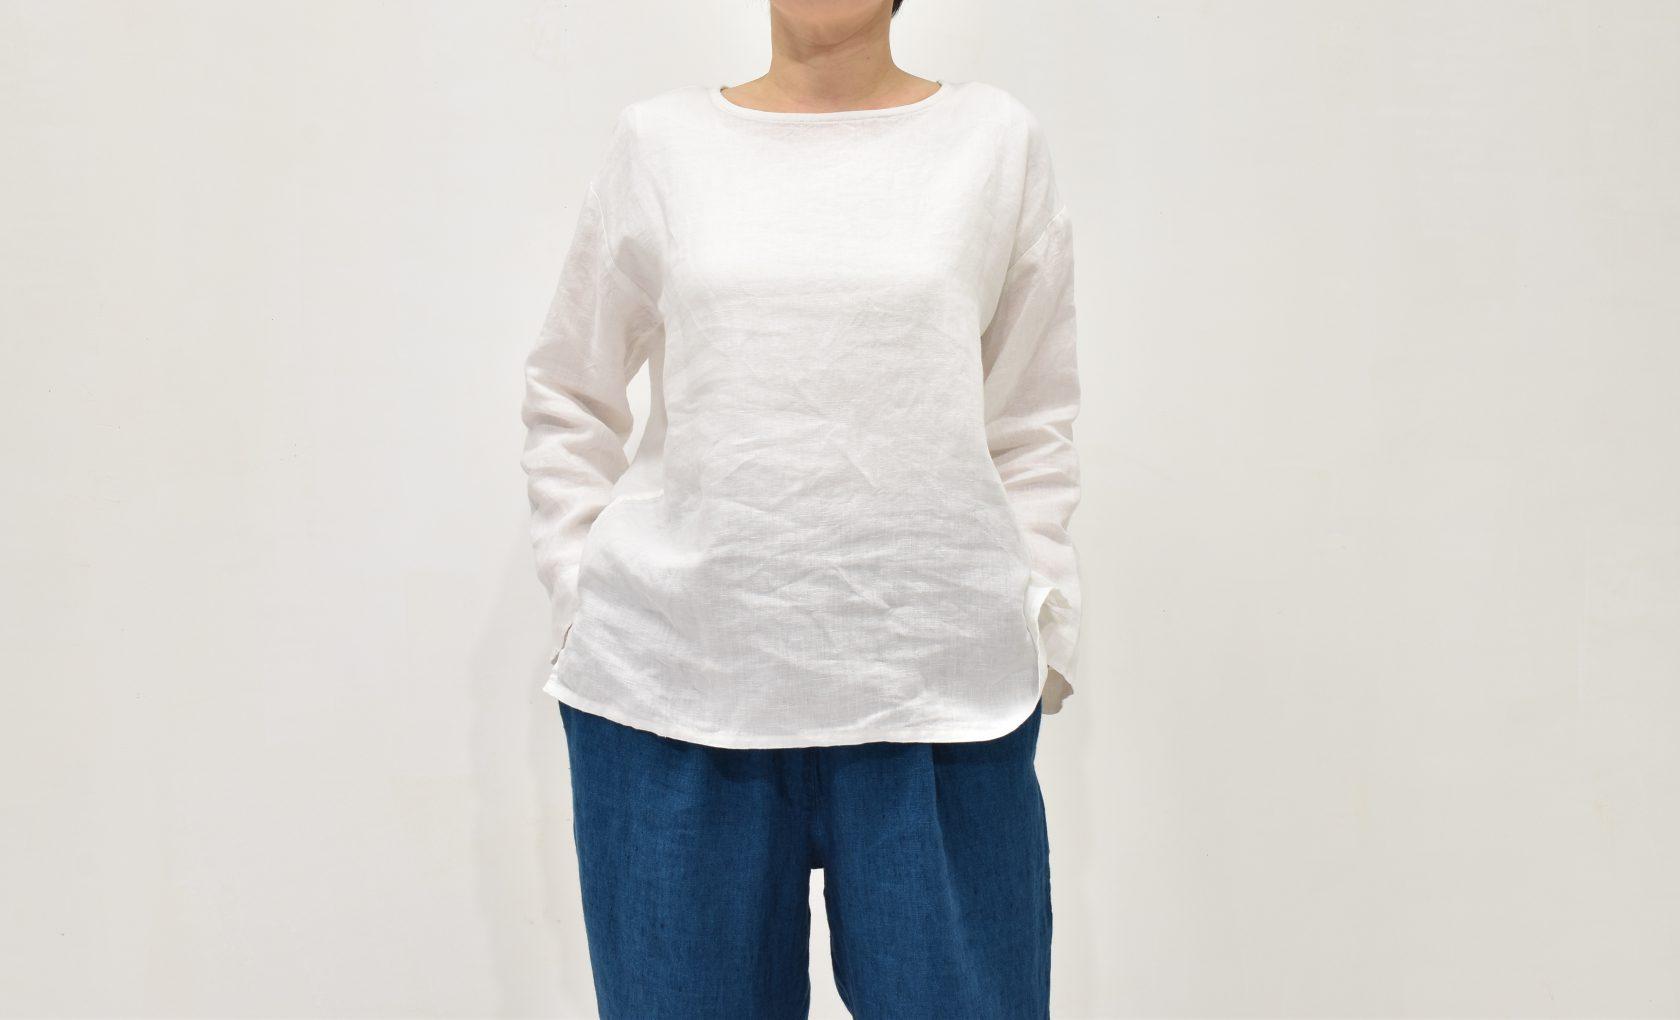 ファブリックスのヨーロッパリネンクルーネックシャツ